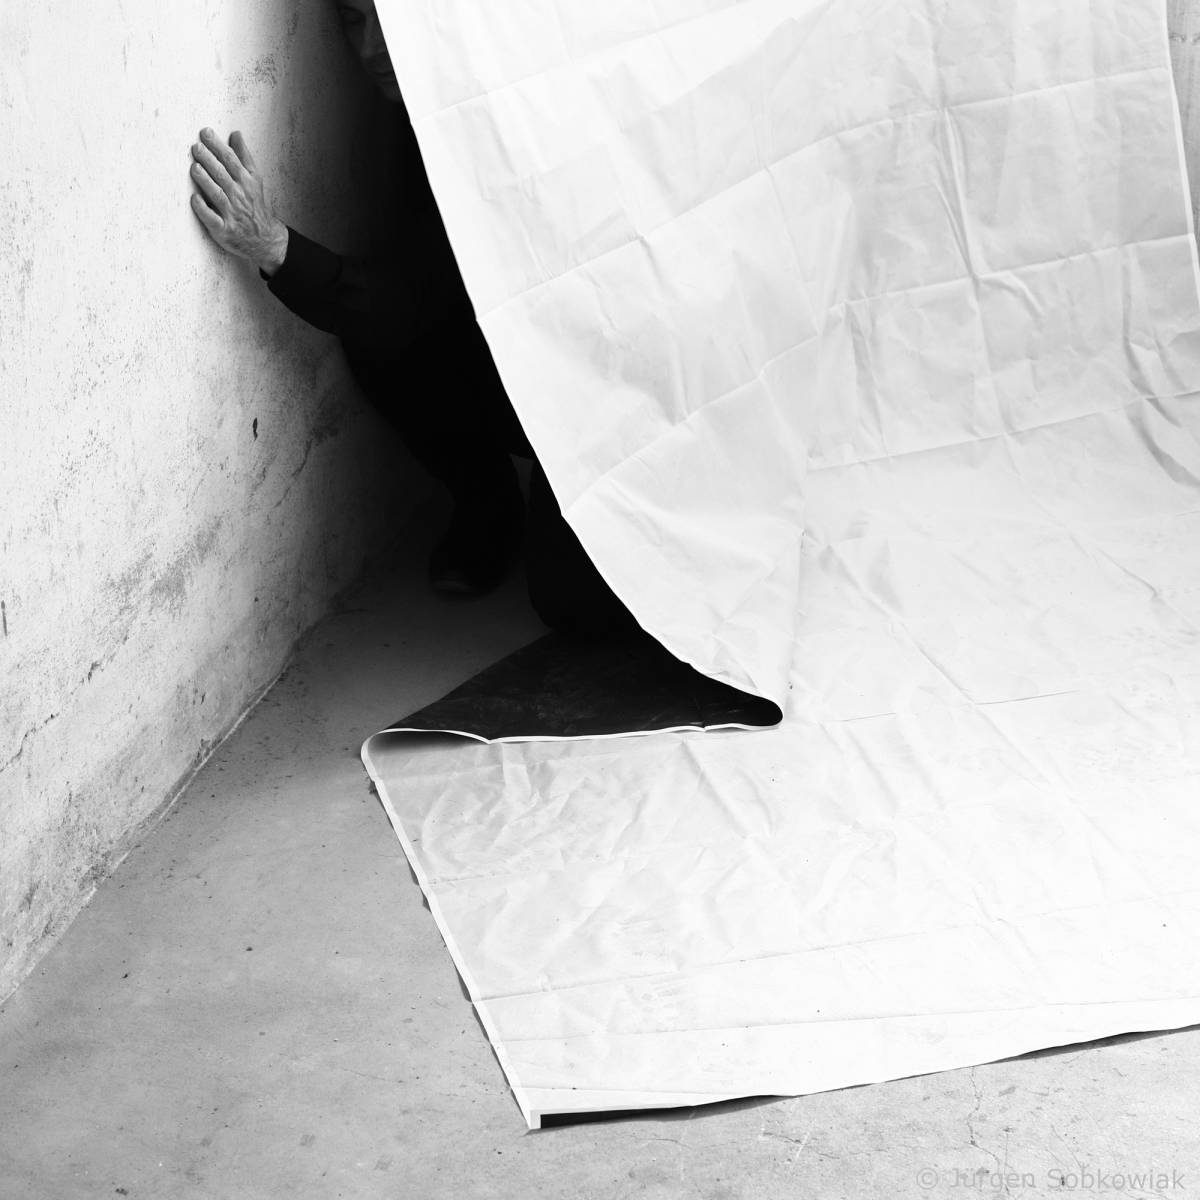 'Falte' von Juergen Sobkowiak